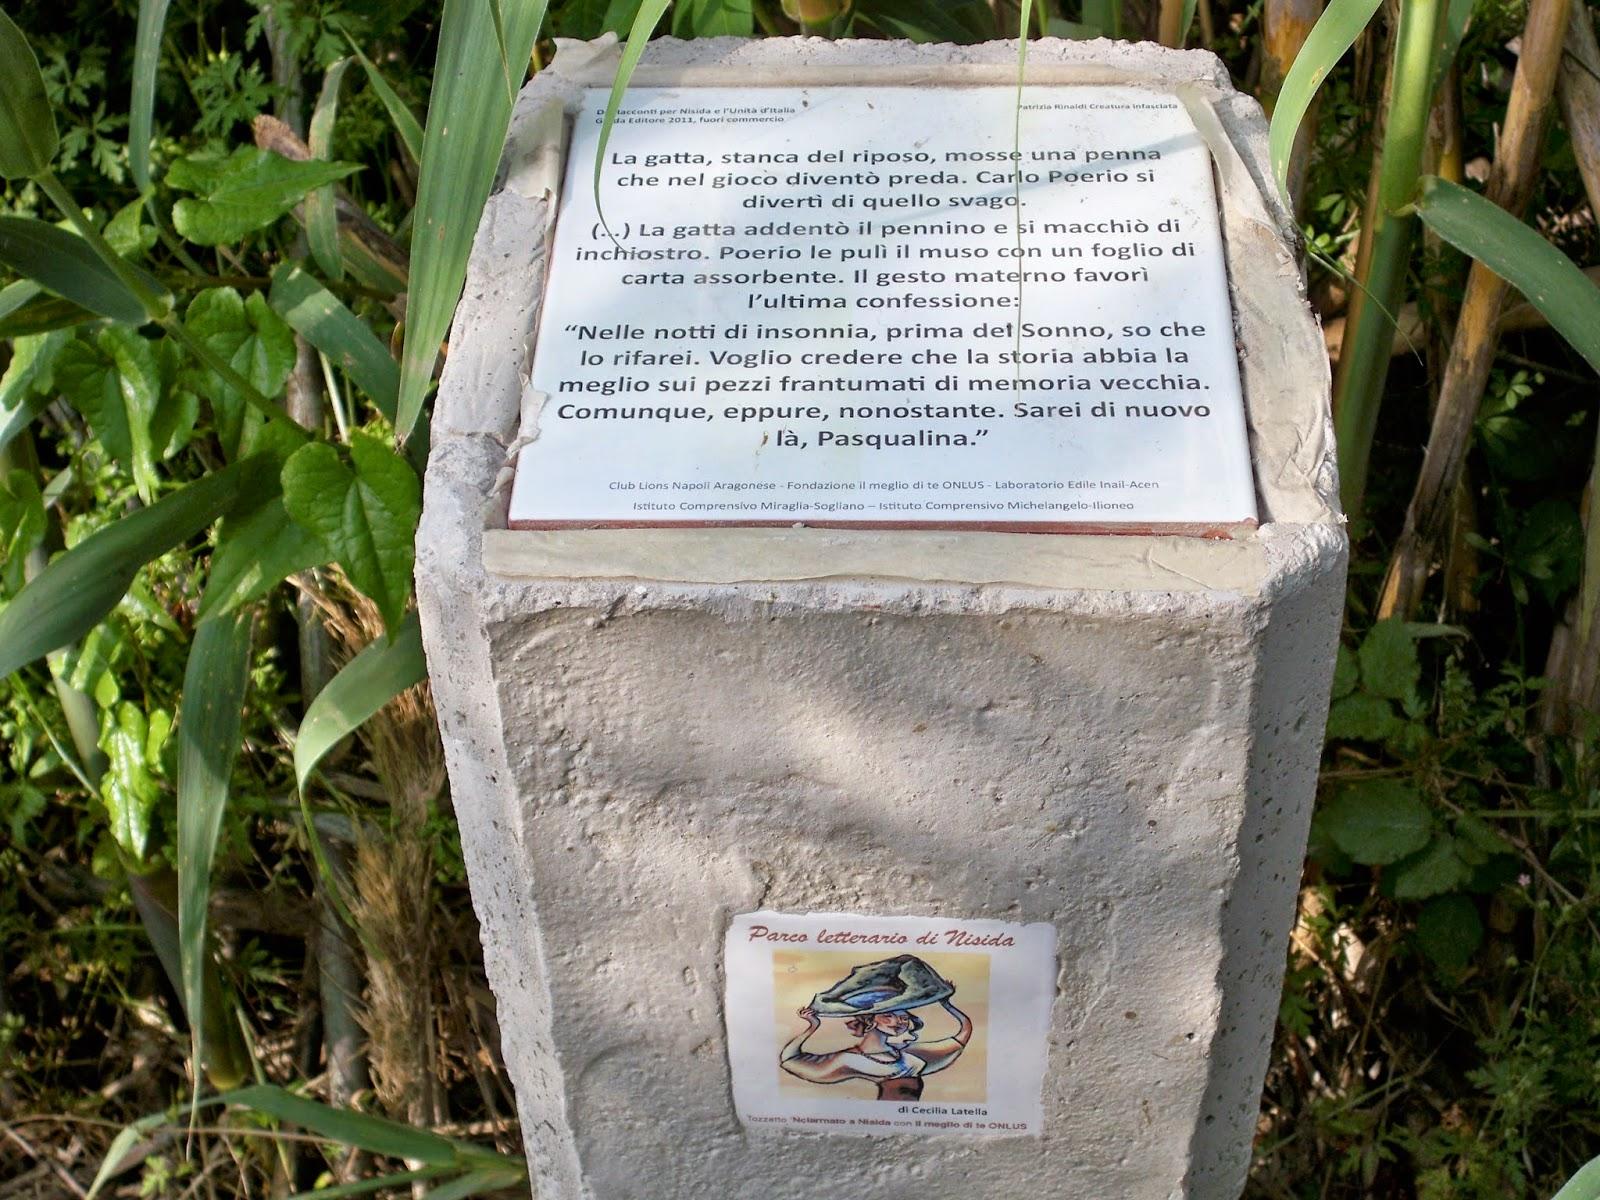 parco letterario di nisida